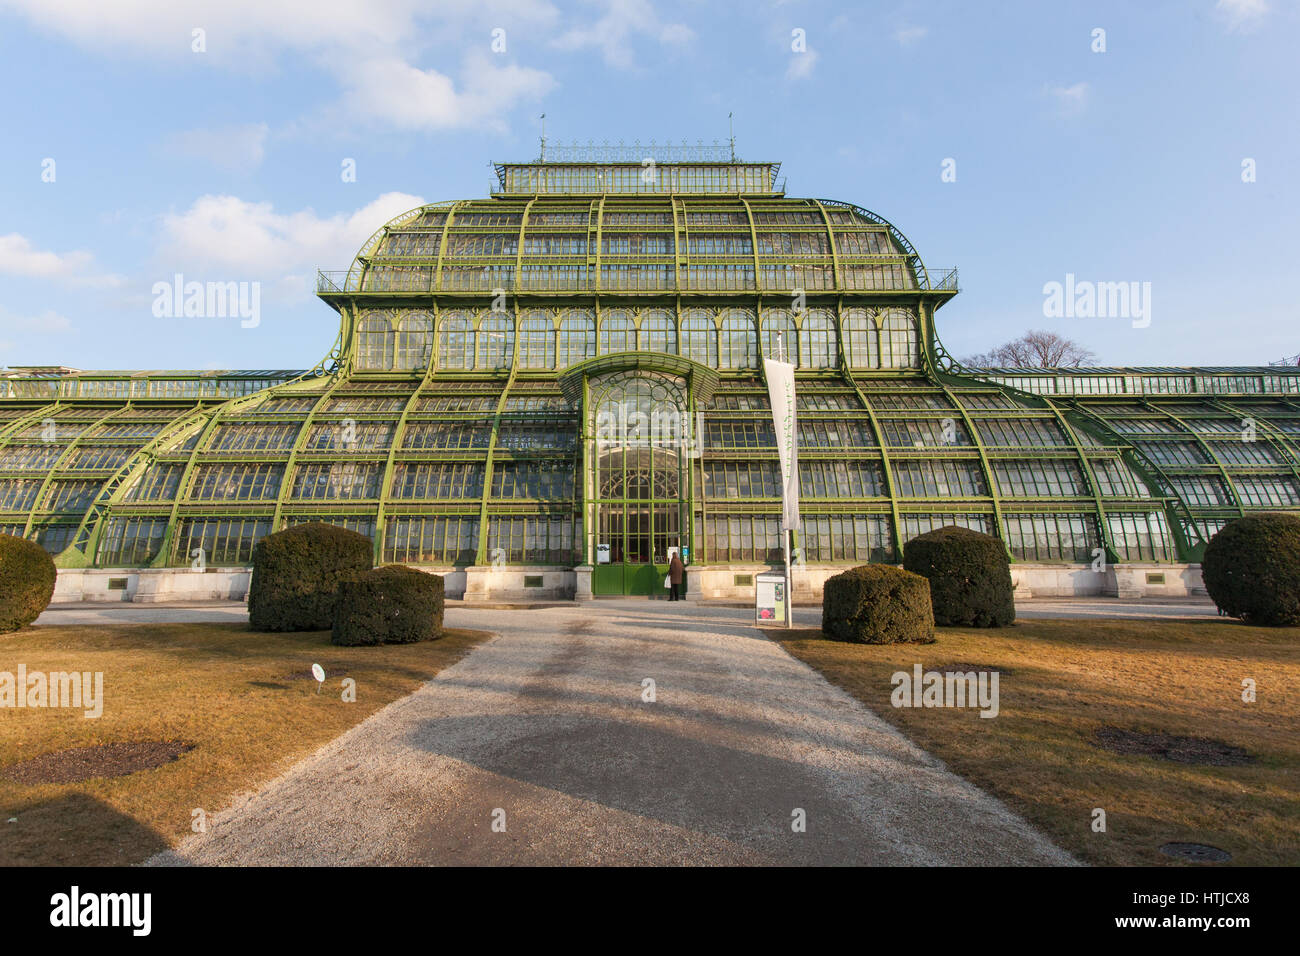 La casa delle palme o Palmenhaus nel Palazzo di Schönbrunn giardini, Vienna, Austria. Immagini Stock